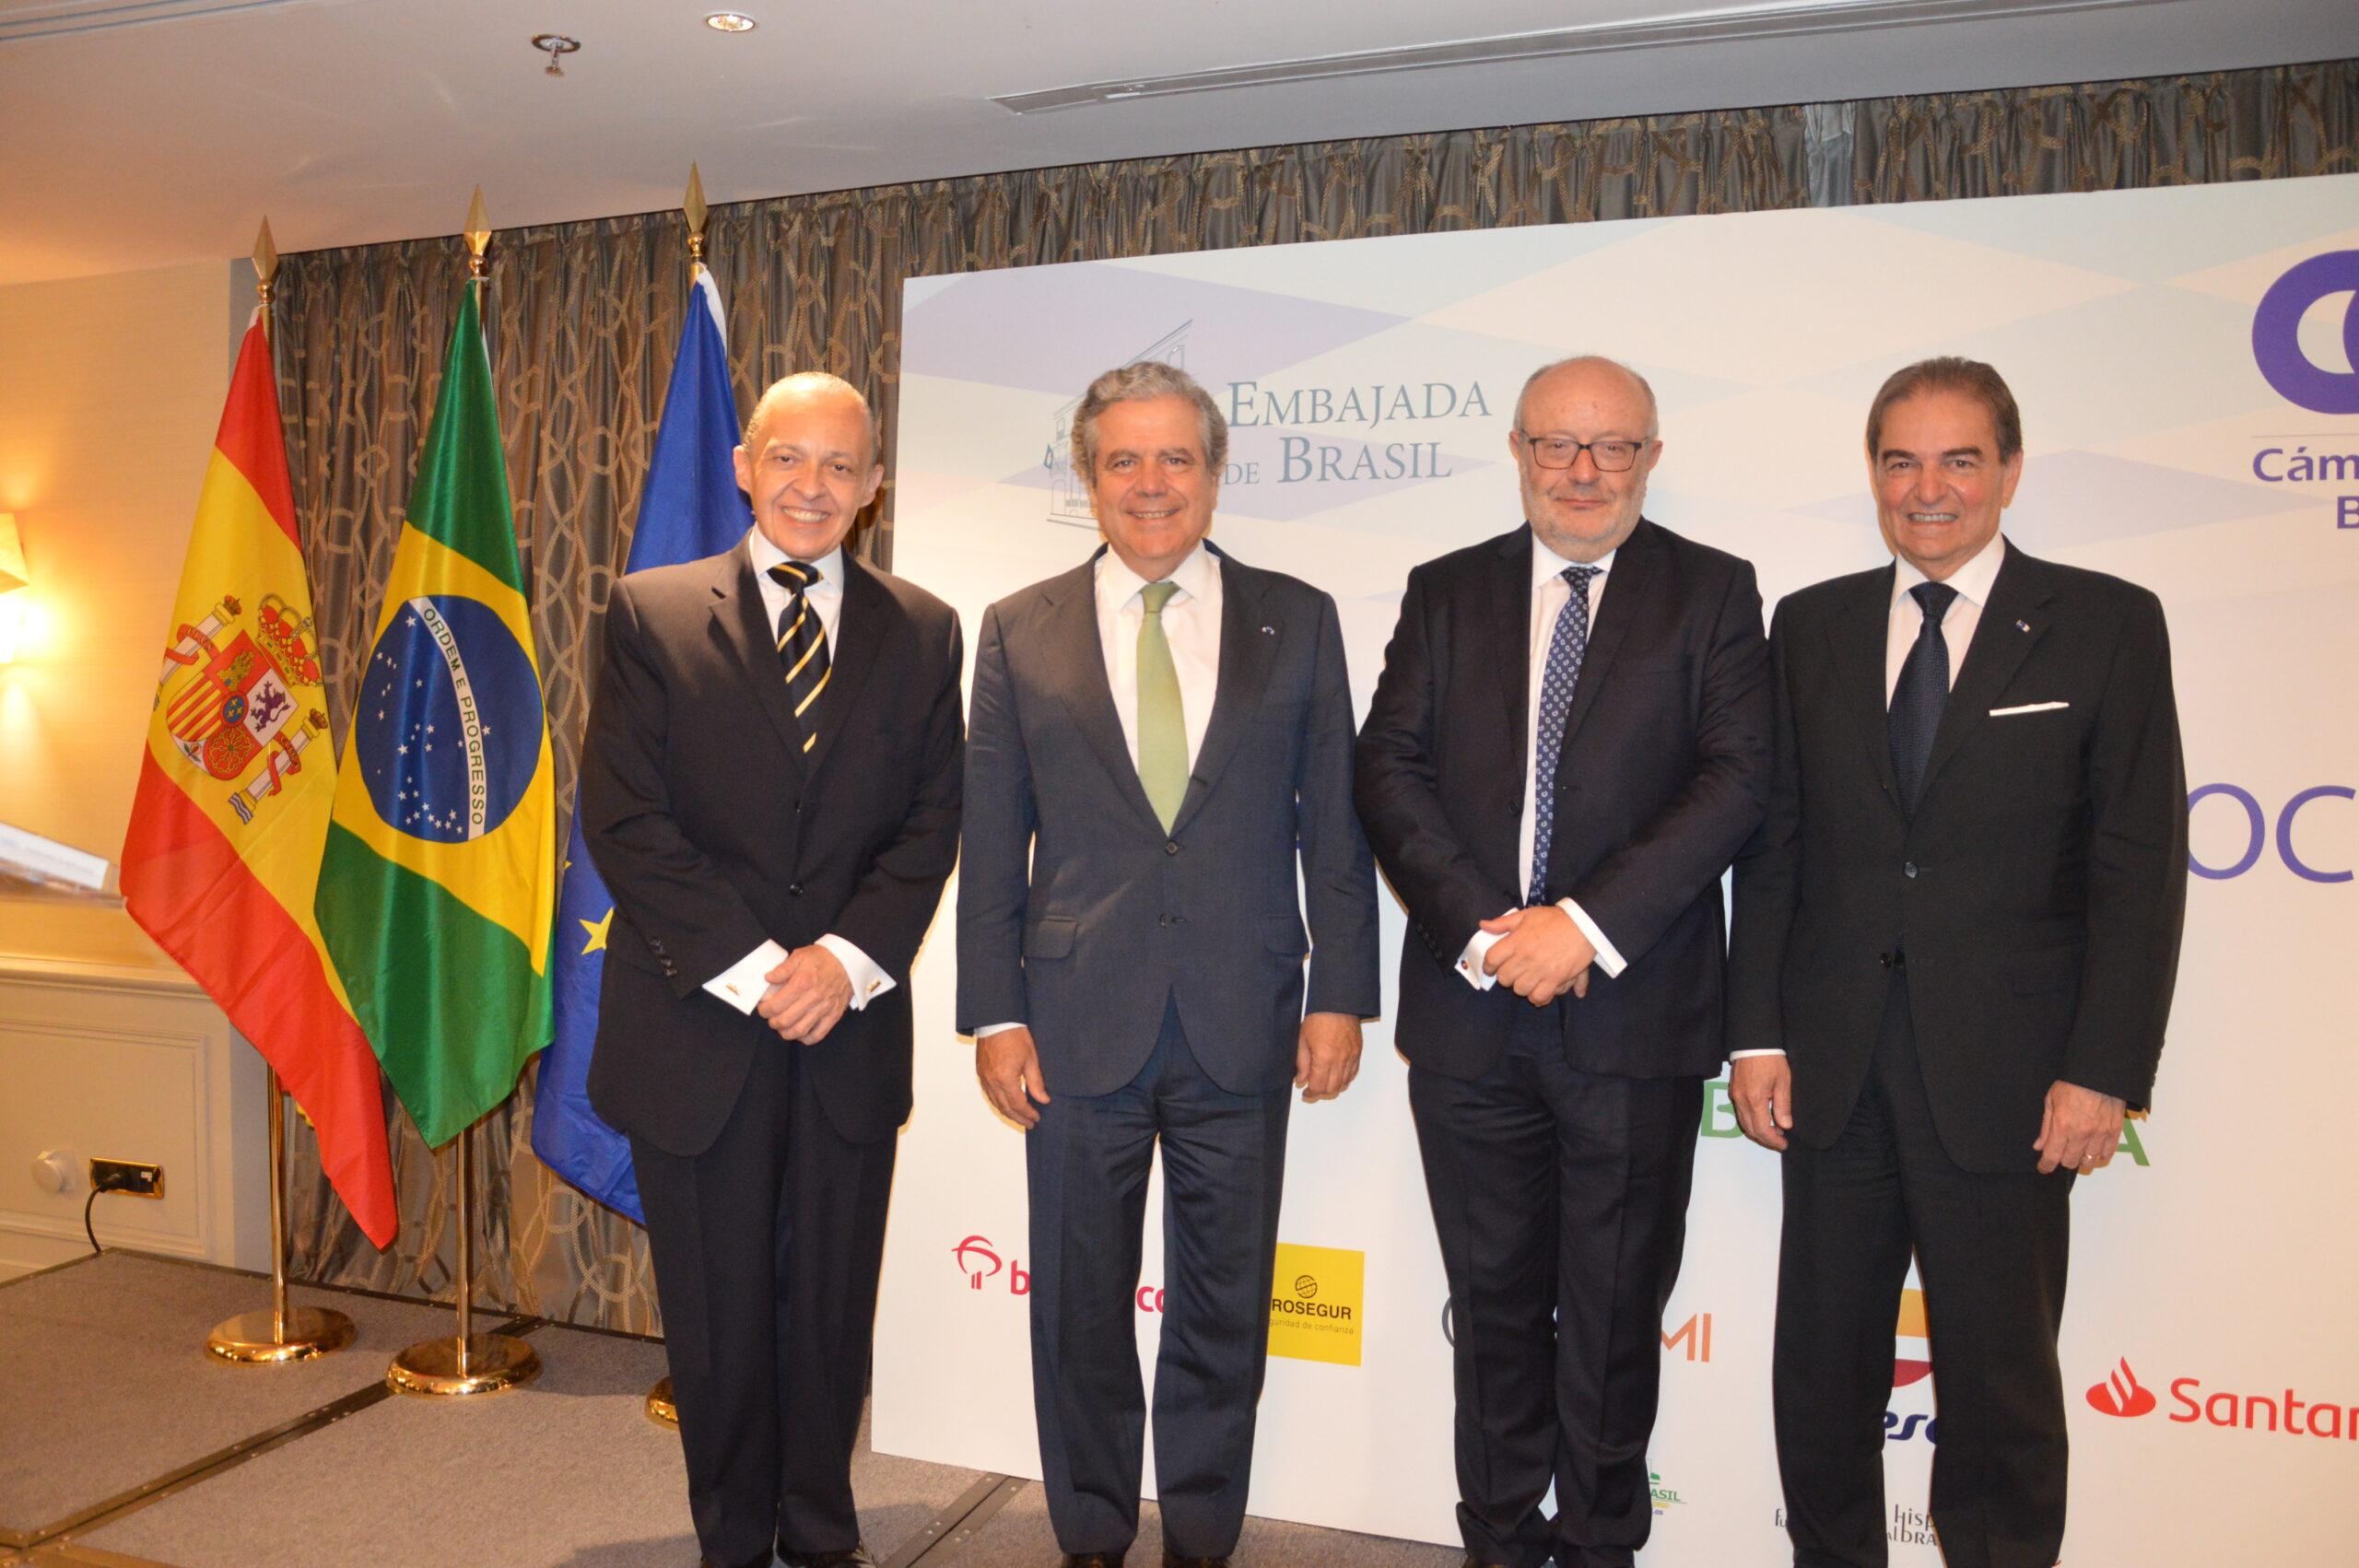 LA CÁMARA DE COMERCIO BRASIL-ESPAÑA REÚNE A MÁS DE 130 EMPRESARIOS EN SU TRADICIONAL CENA ANUAL